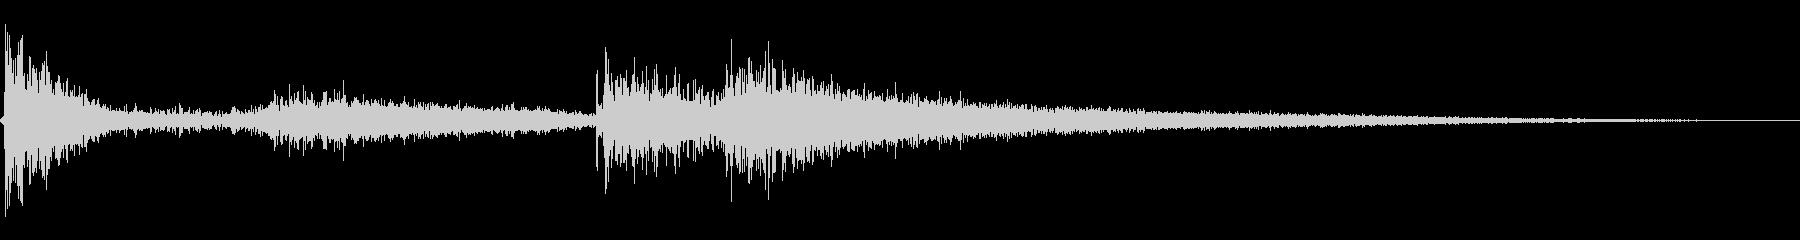 ローブームスイープ2の未再生の波形